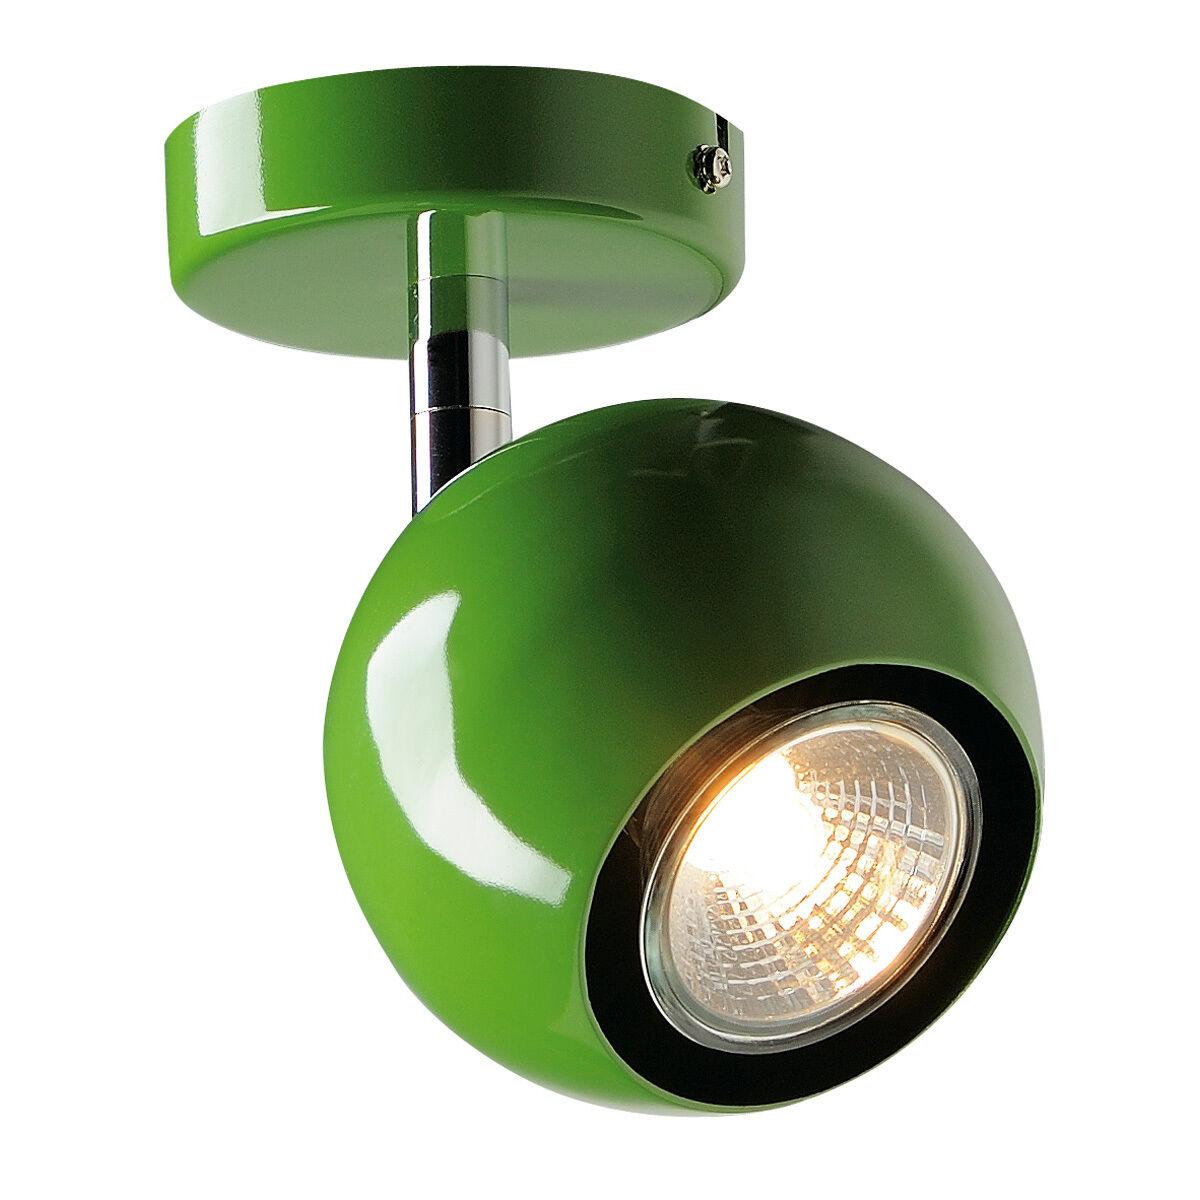 Intalite Luz Ojo 1 GU10 Luz de Parojo Y Techo, Helecho verde, GU10, Max. 50W